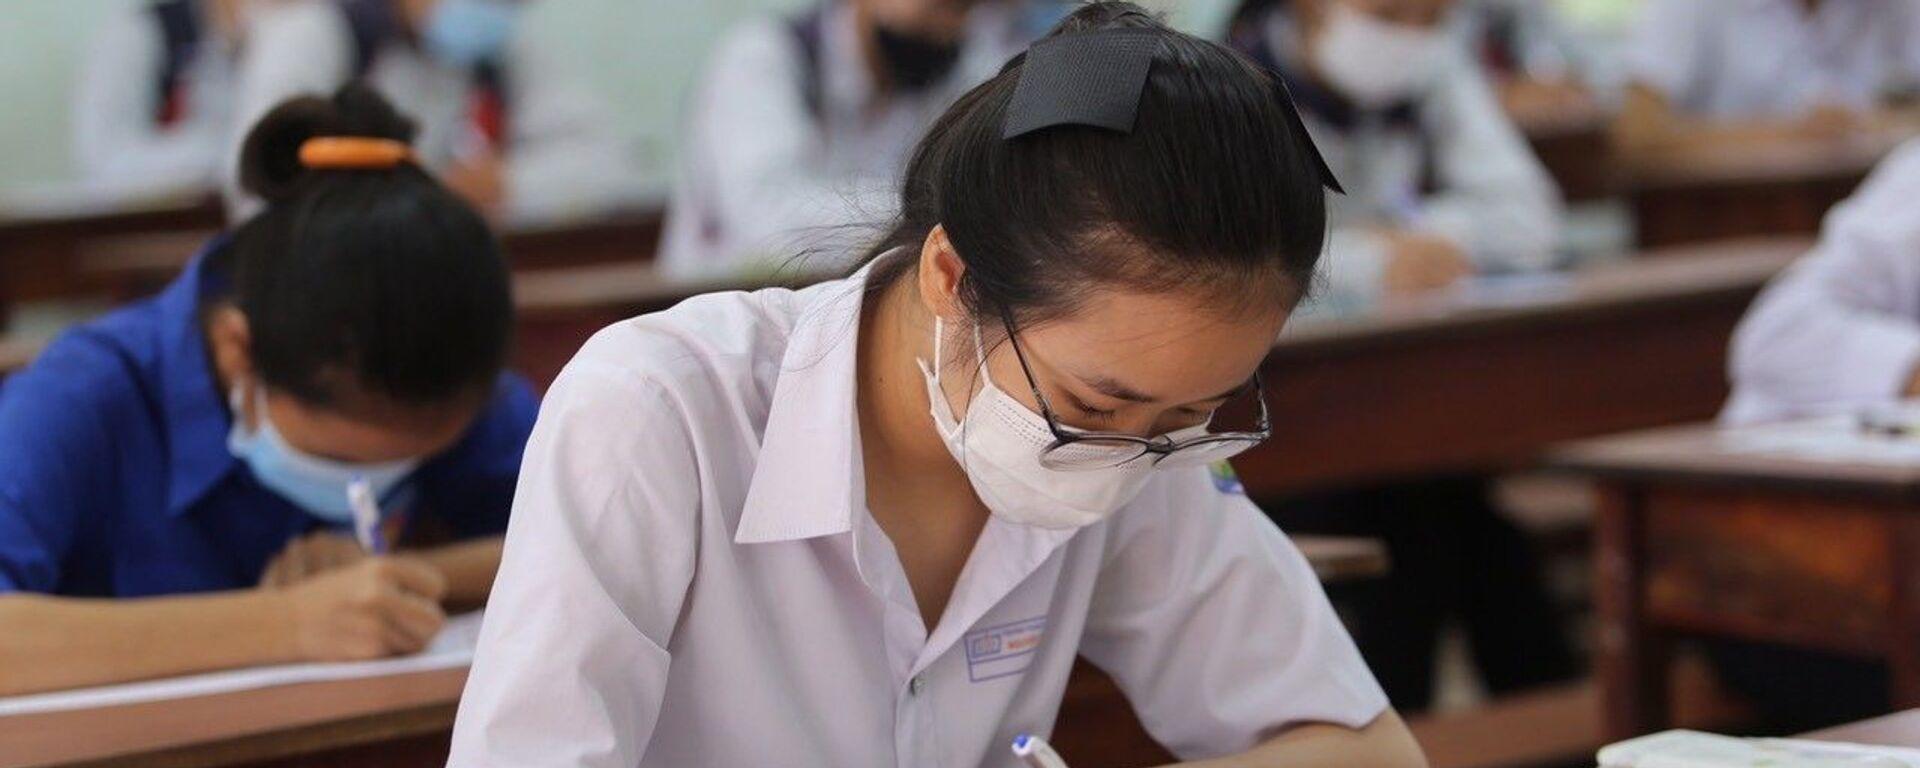 Kỳ thi Tốt nghiệp THPT năm 2021 tại Gia Lai kết thúc an toàn, nghiêm túc, đúng quy chế. - Sputnik Việt Nam, 1920, 14.07.2021